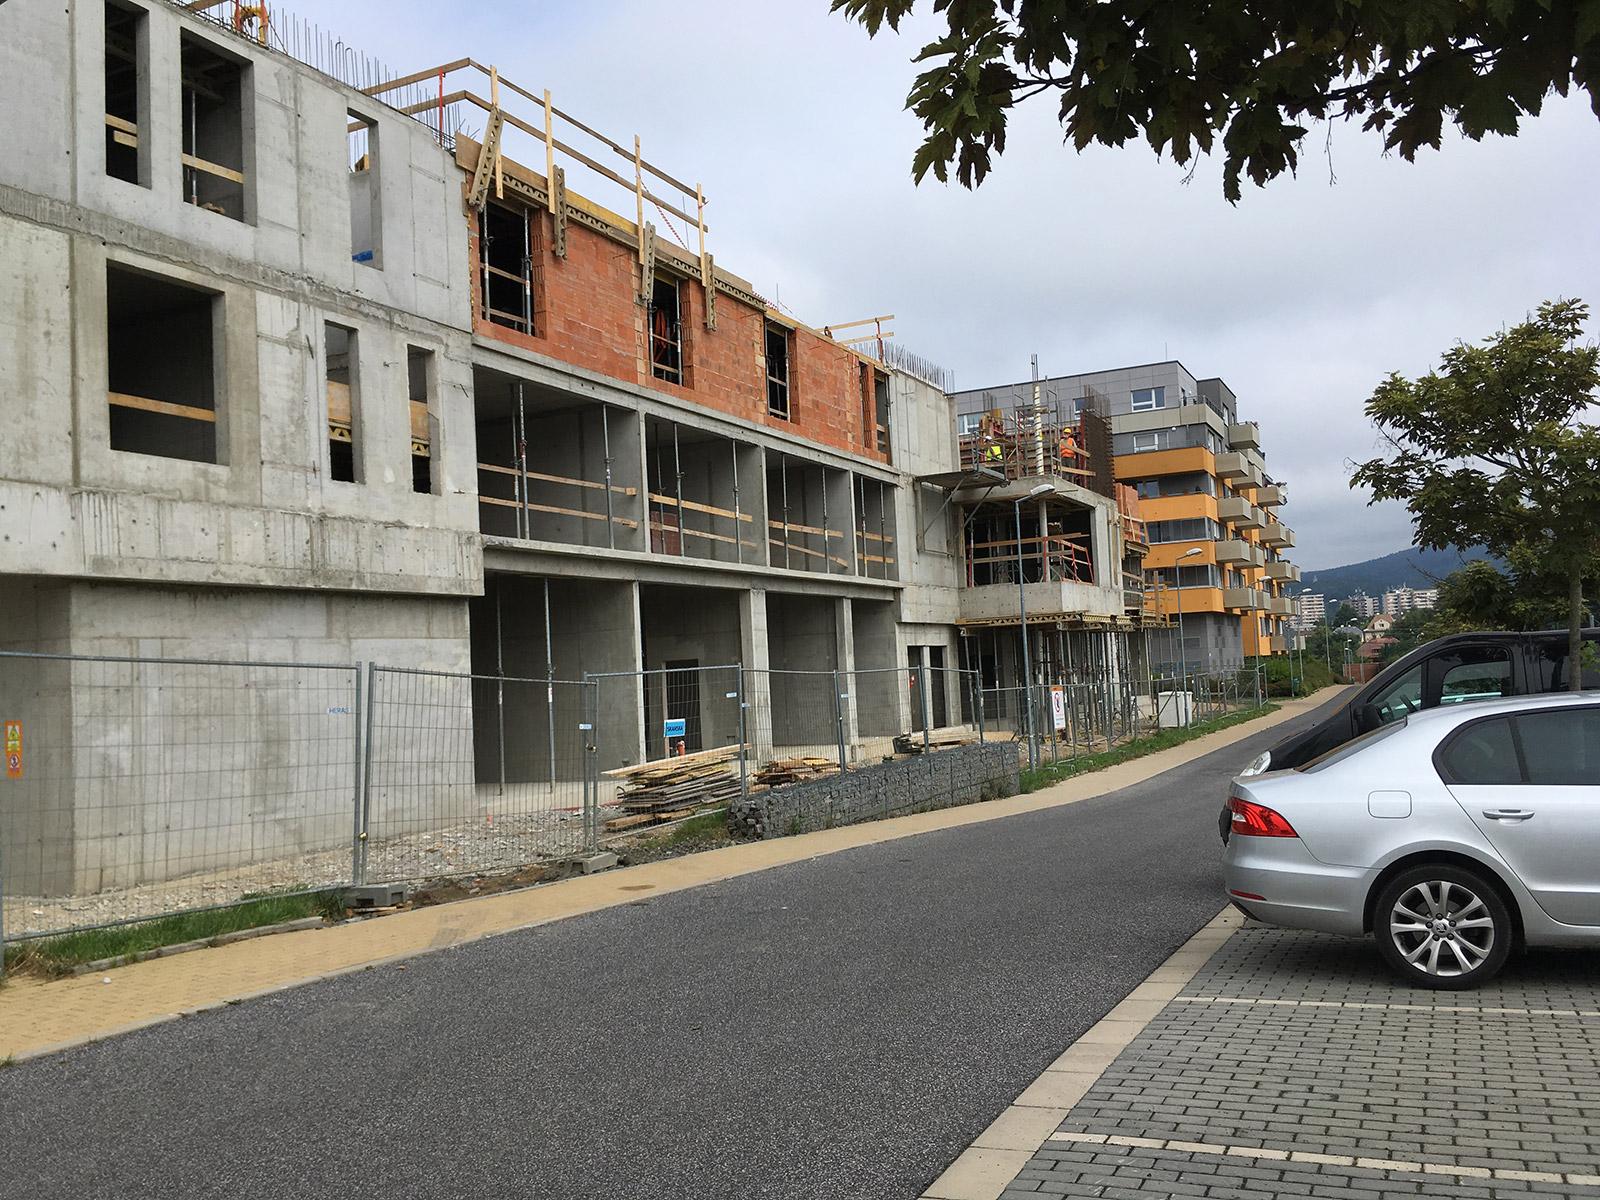 V říjnu bude dokončena hrubá stavba